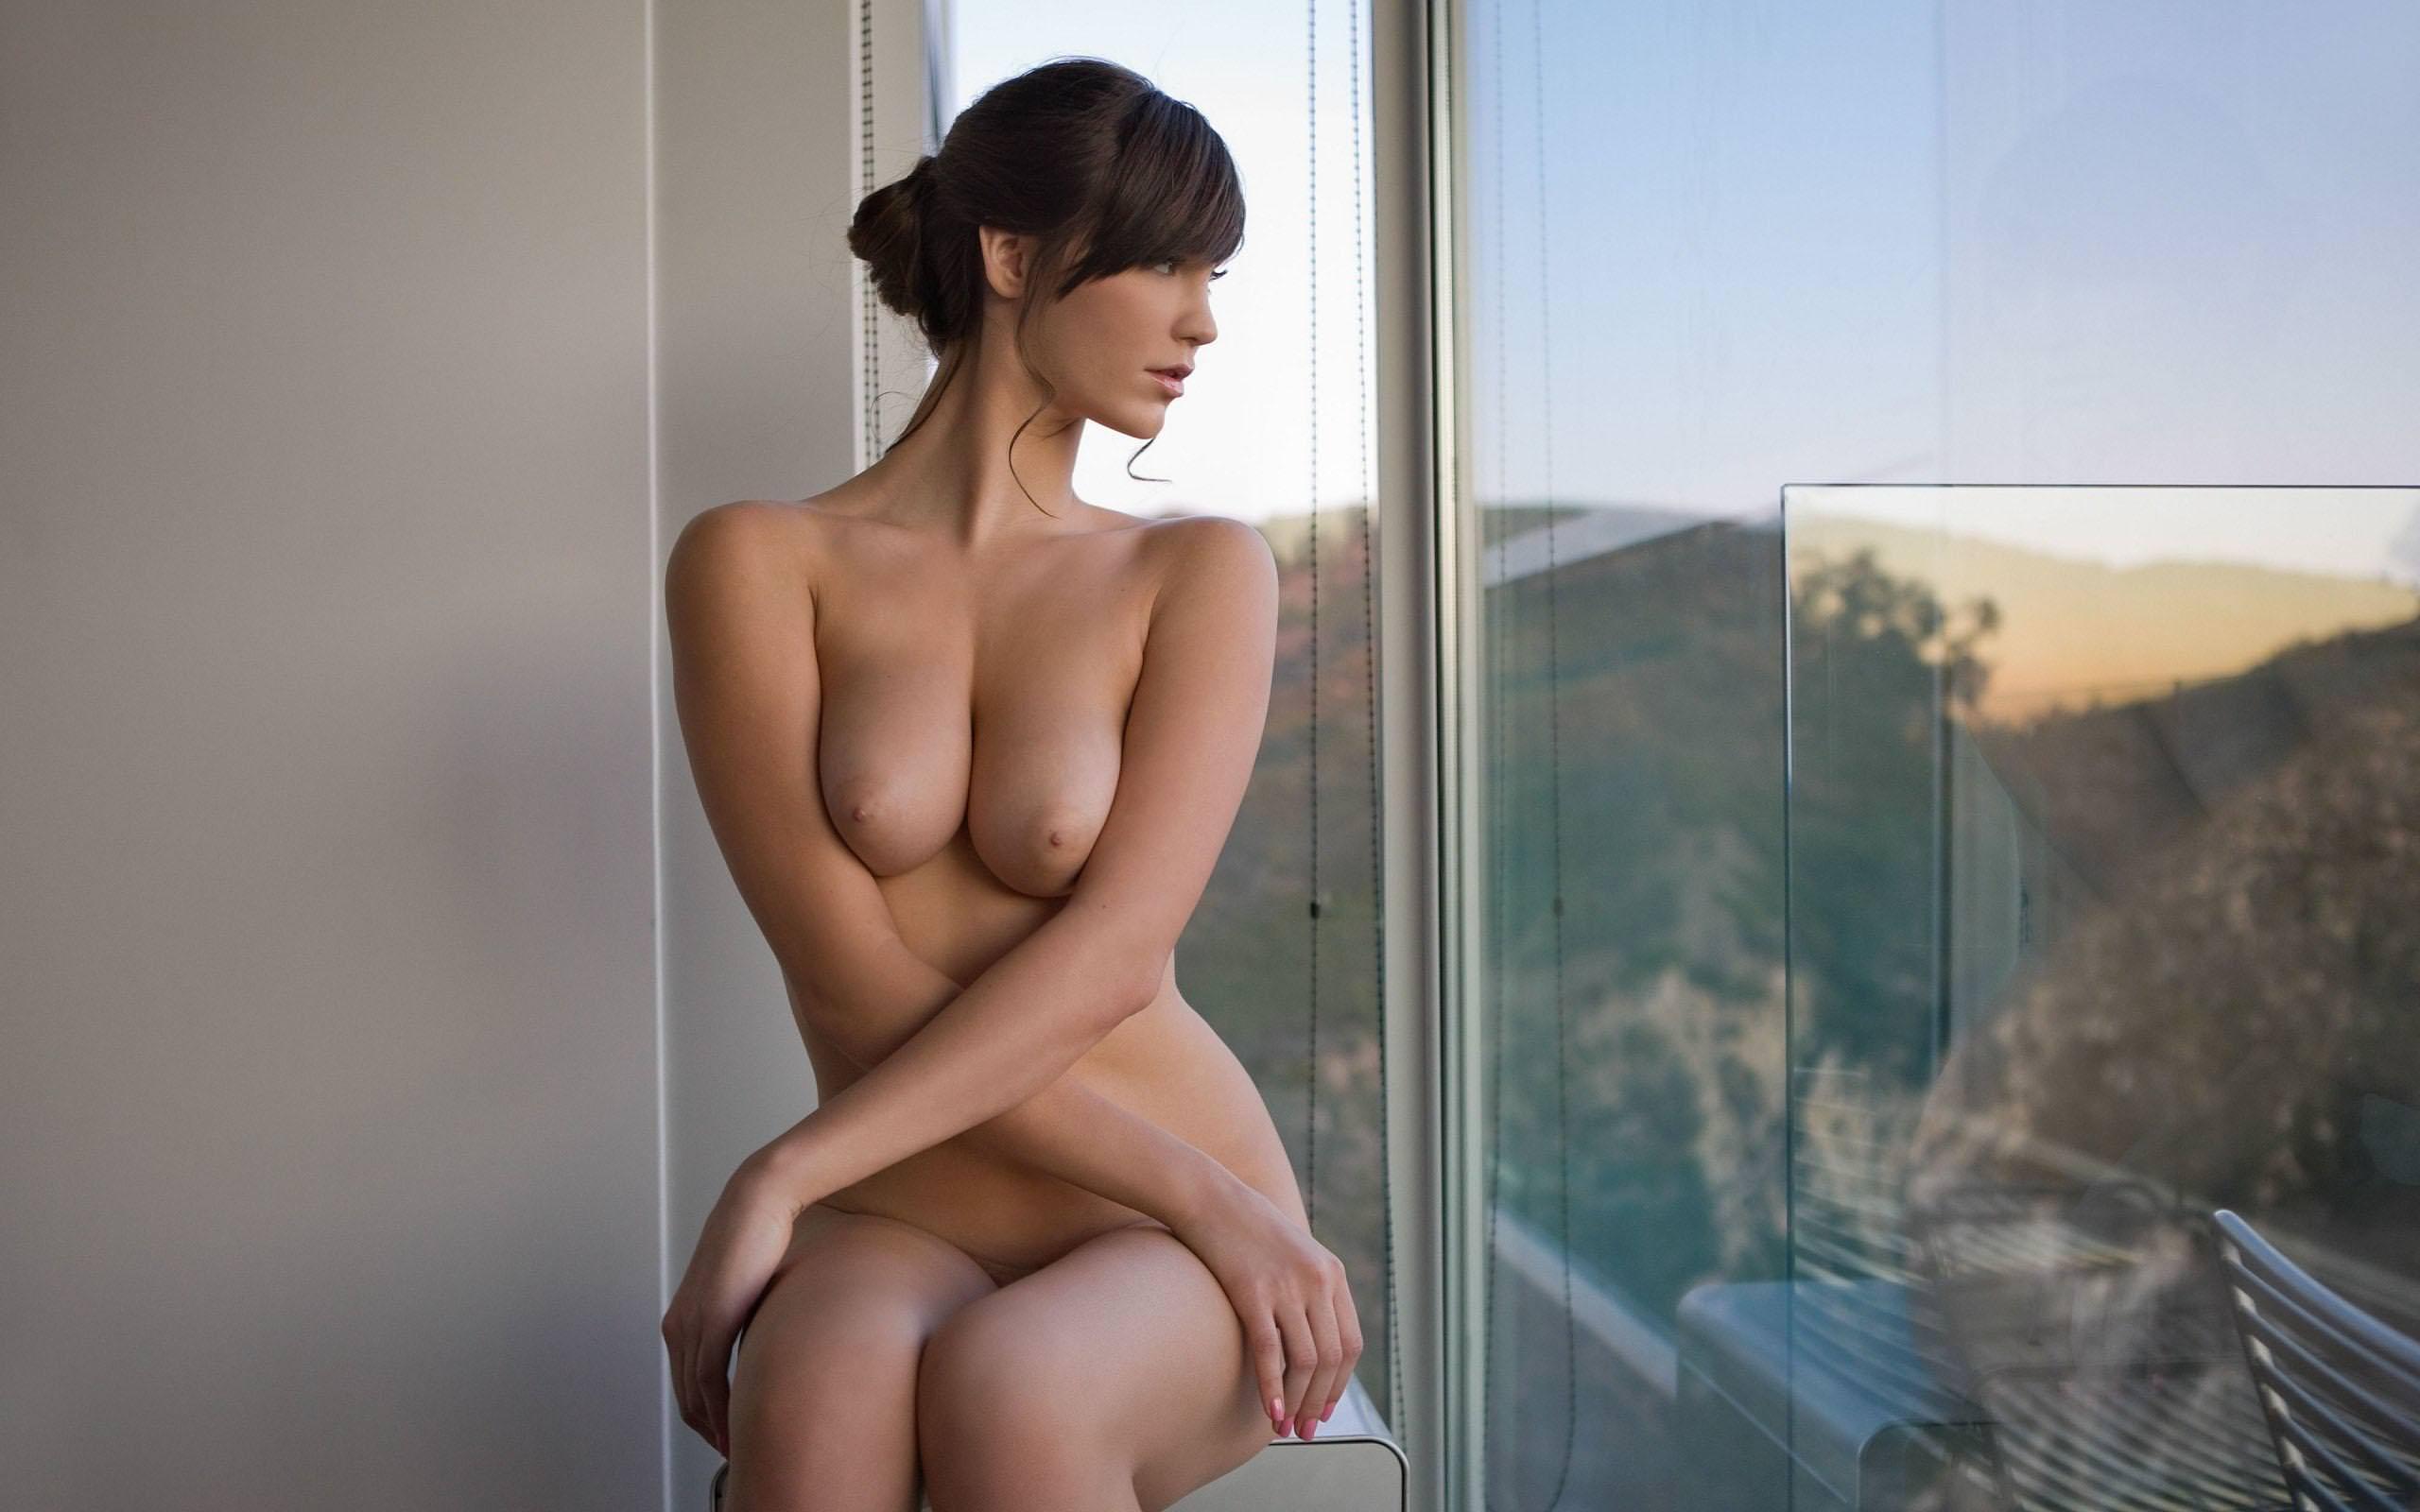 prostitutki-yaroslavle-krasavitsa-na-okne-ero-foto